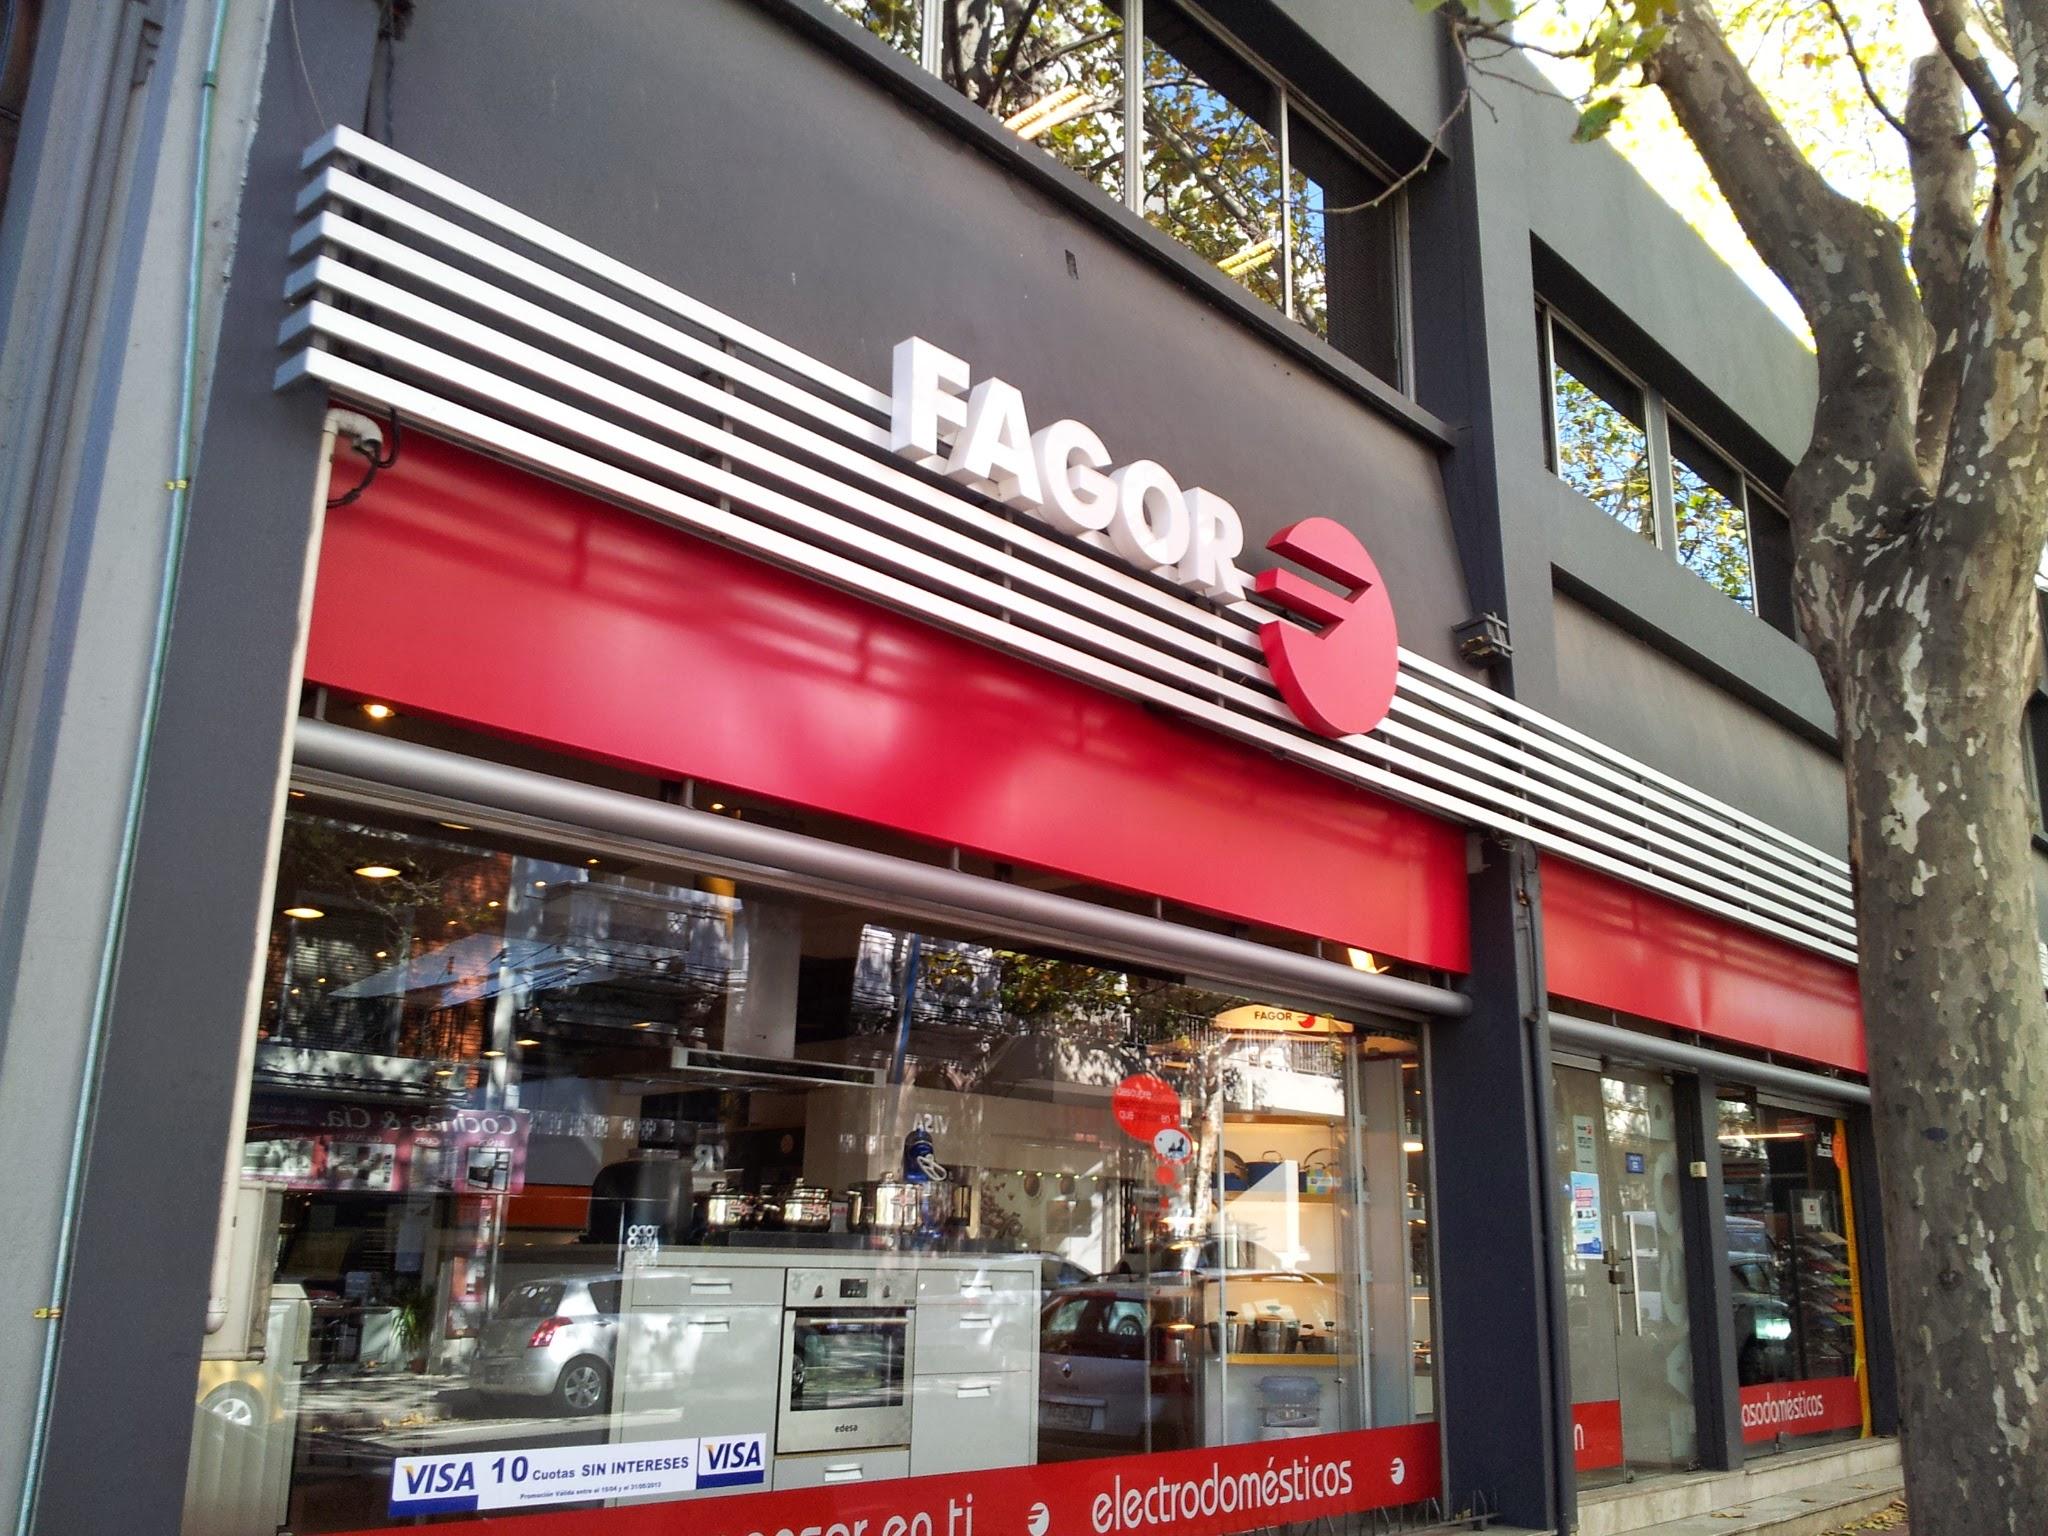 fagor fachada (2)